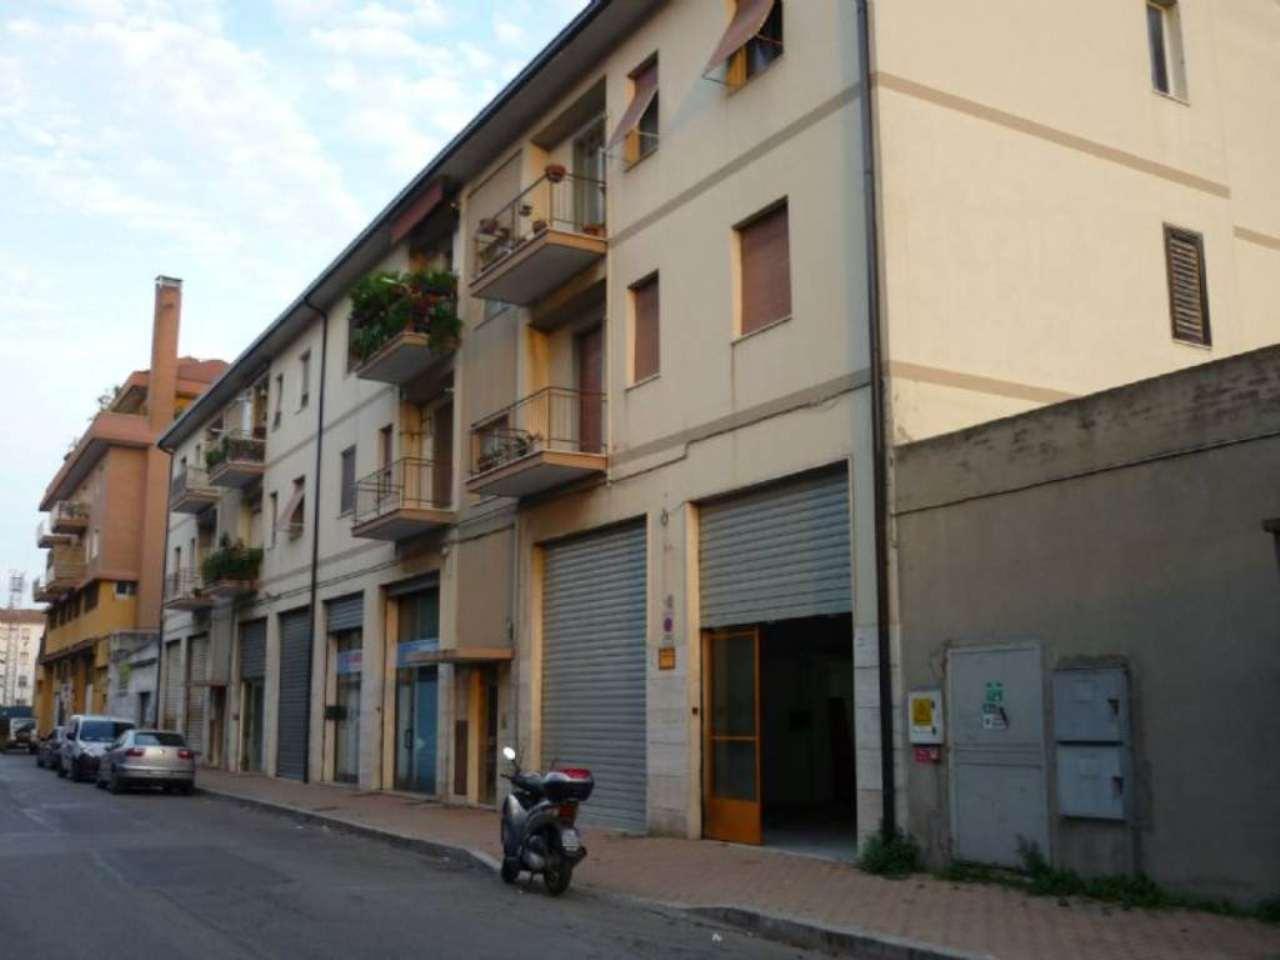 Laboratorio in affitto a Pescara, 3 locali, prezzo € 700 | CambioCasa.it